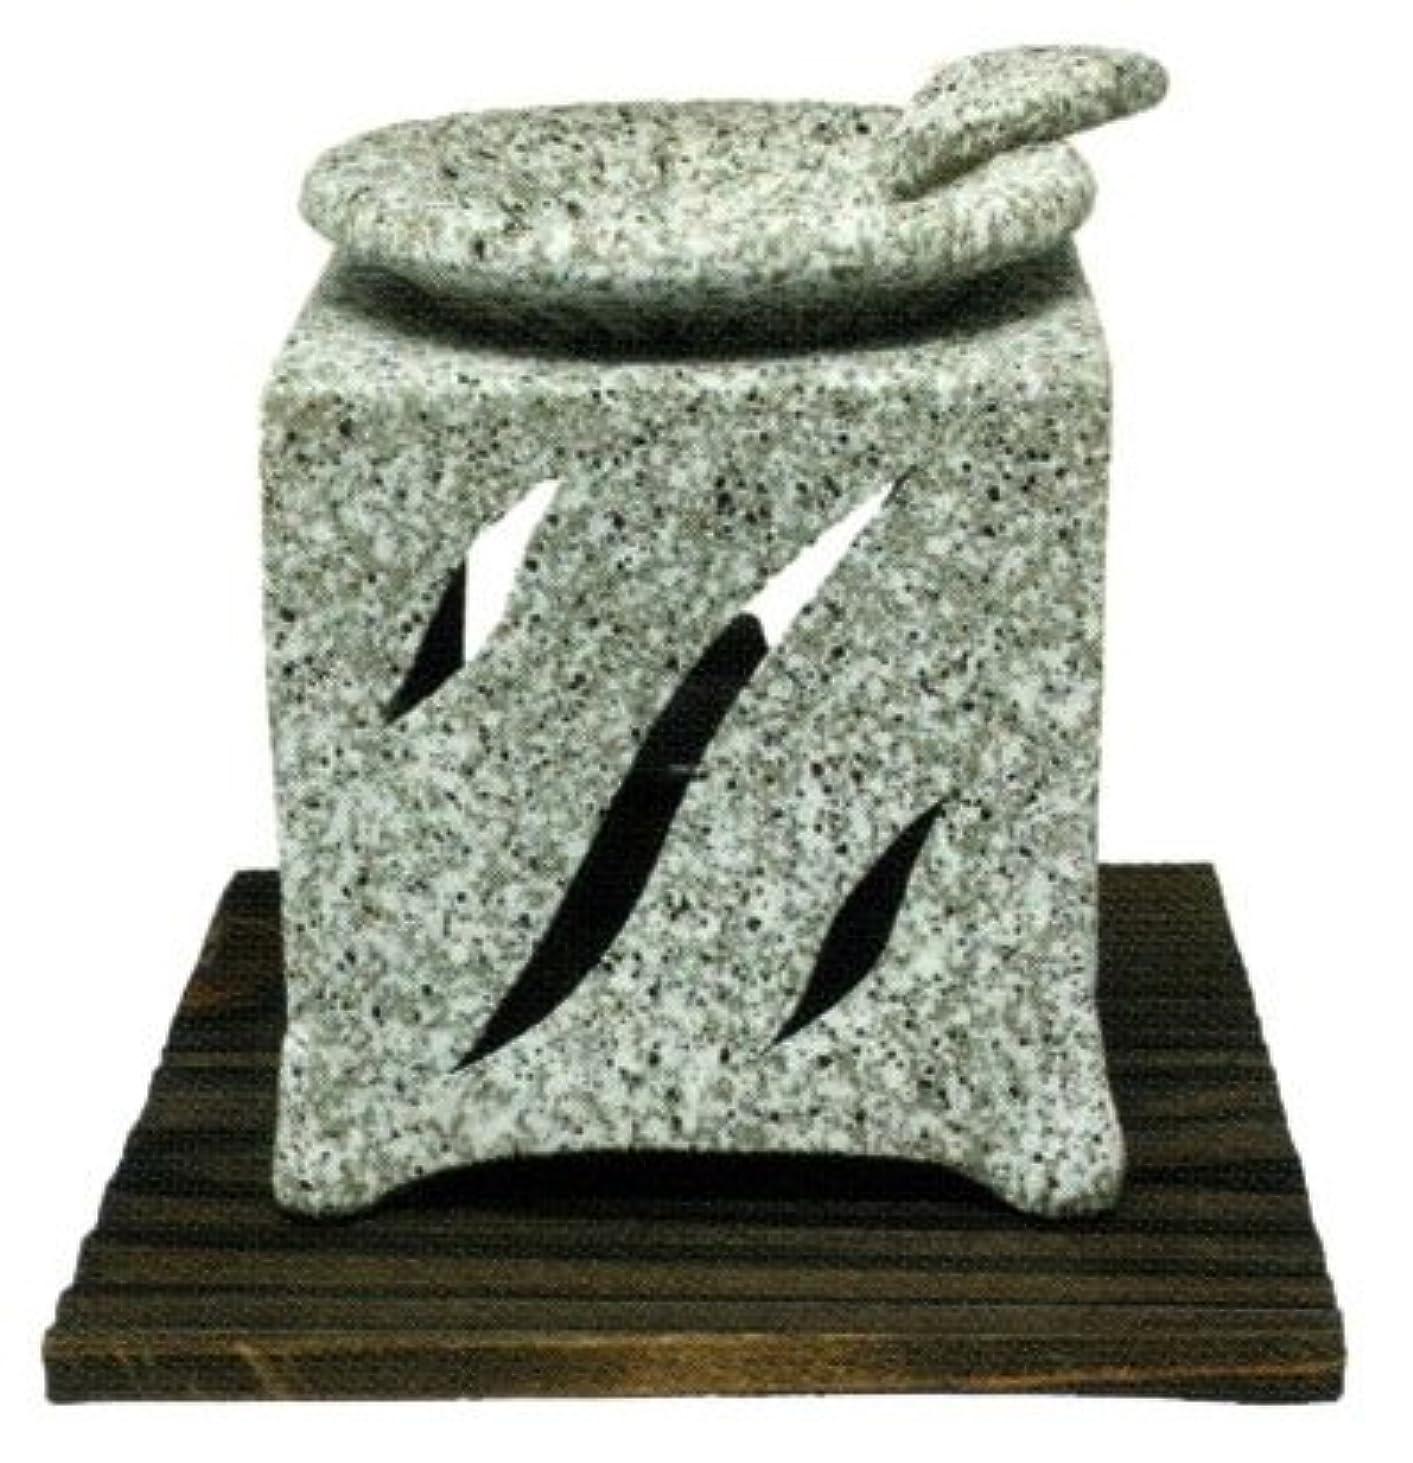 敬な観察する知性常滑焼?山房窯 カ40-06 茶香炉 杉板付 約10.5×10.5×12.5cm